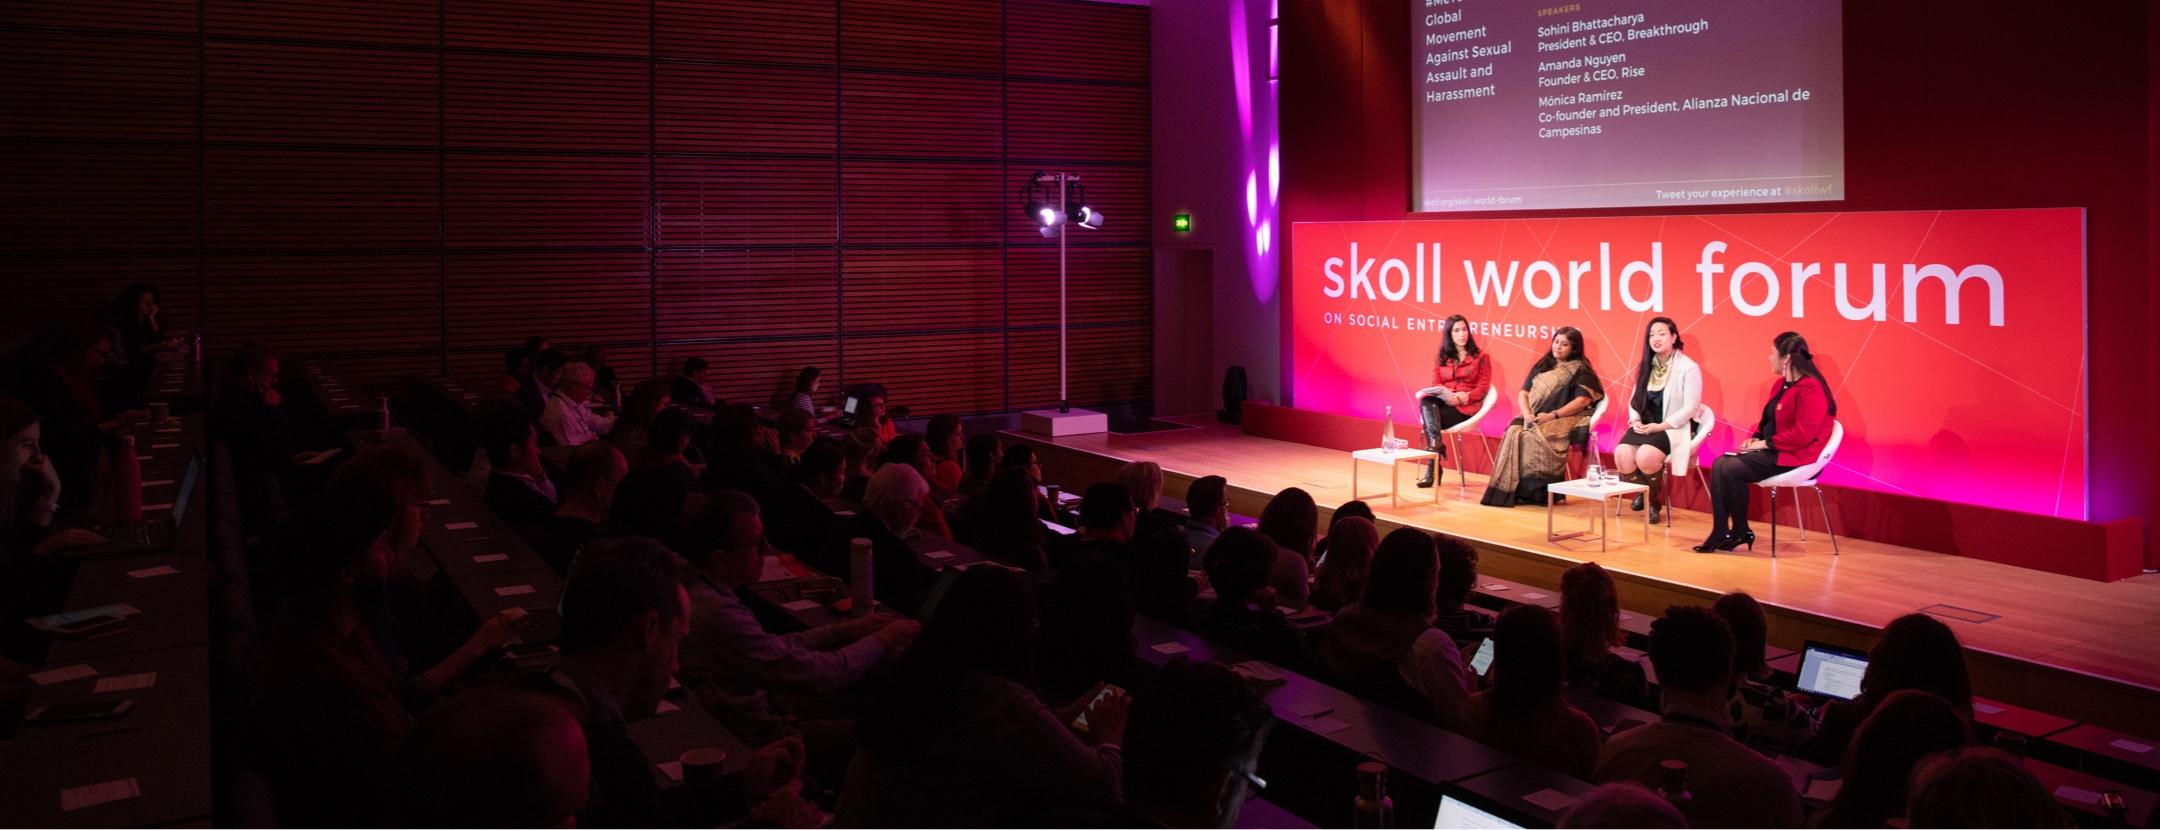 Skoll Skoll World Forum